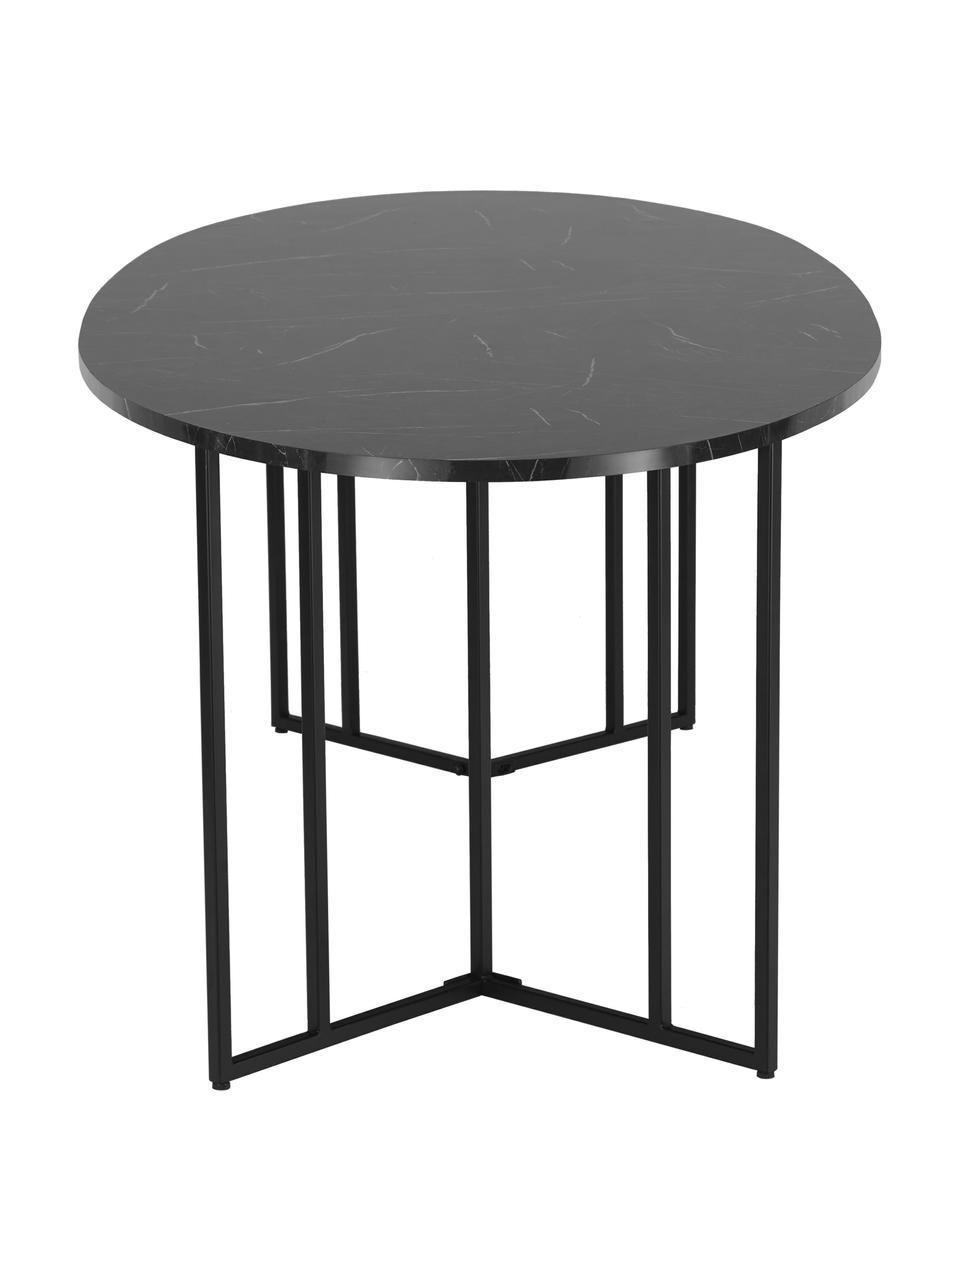 Owalny stół do jadalni z imitacją marmuru Luca, Blat: płyta pilśniowa średniej , Stelaż: metal malowany proszkowo, Czarny, S 240 x G 100 cm